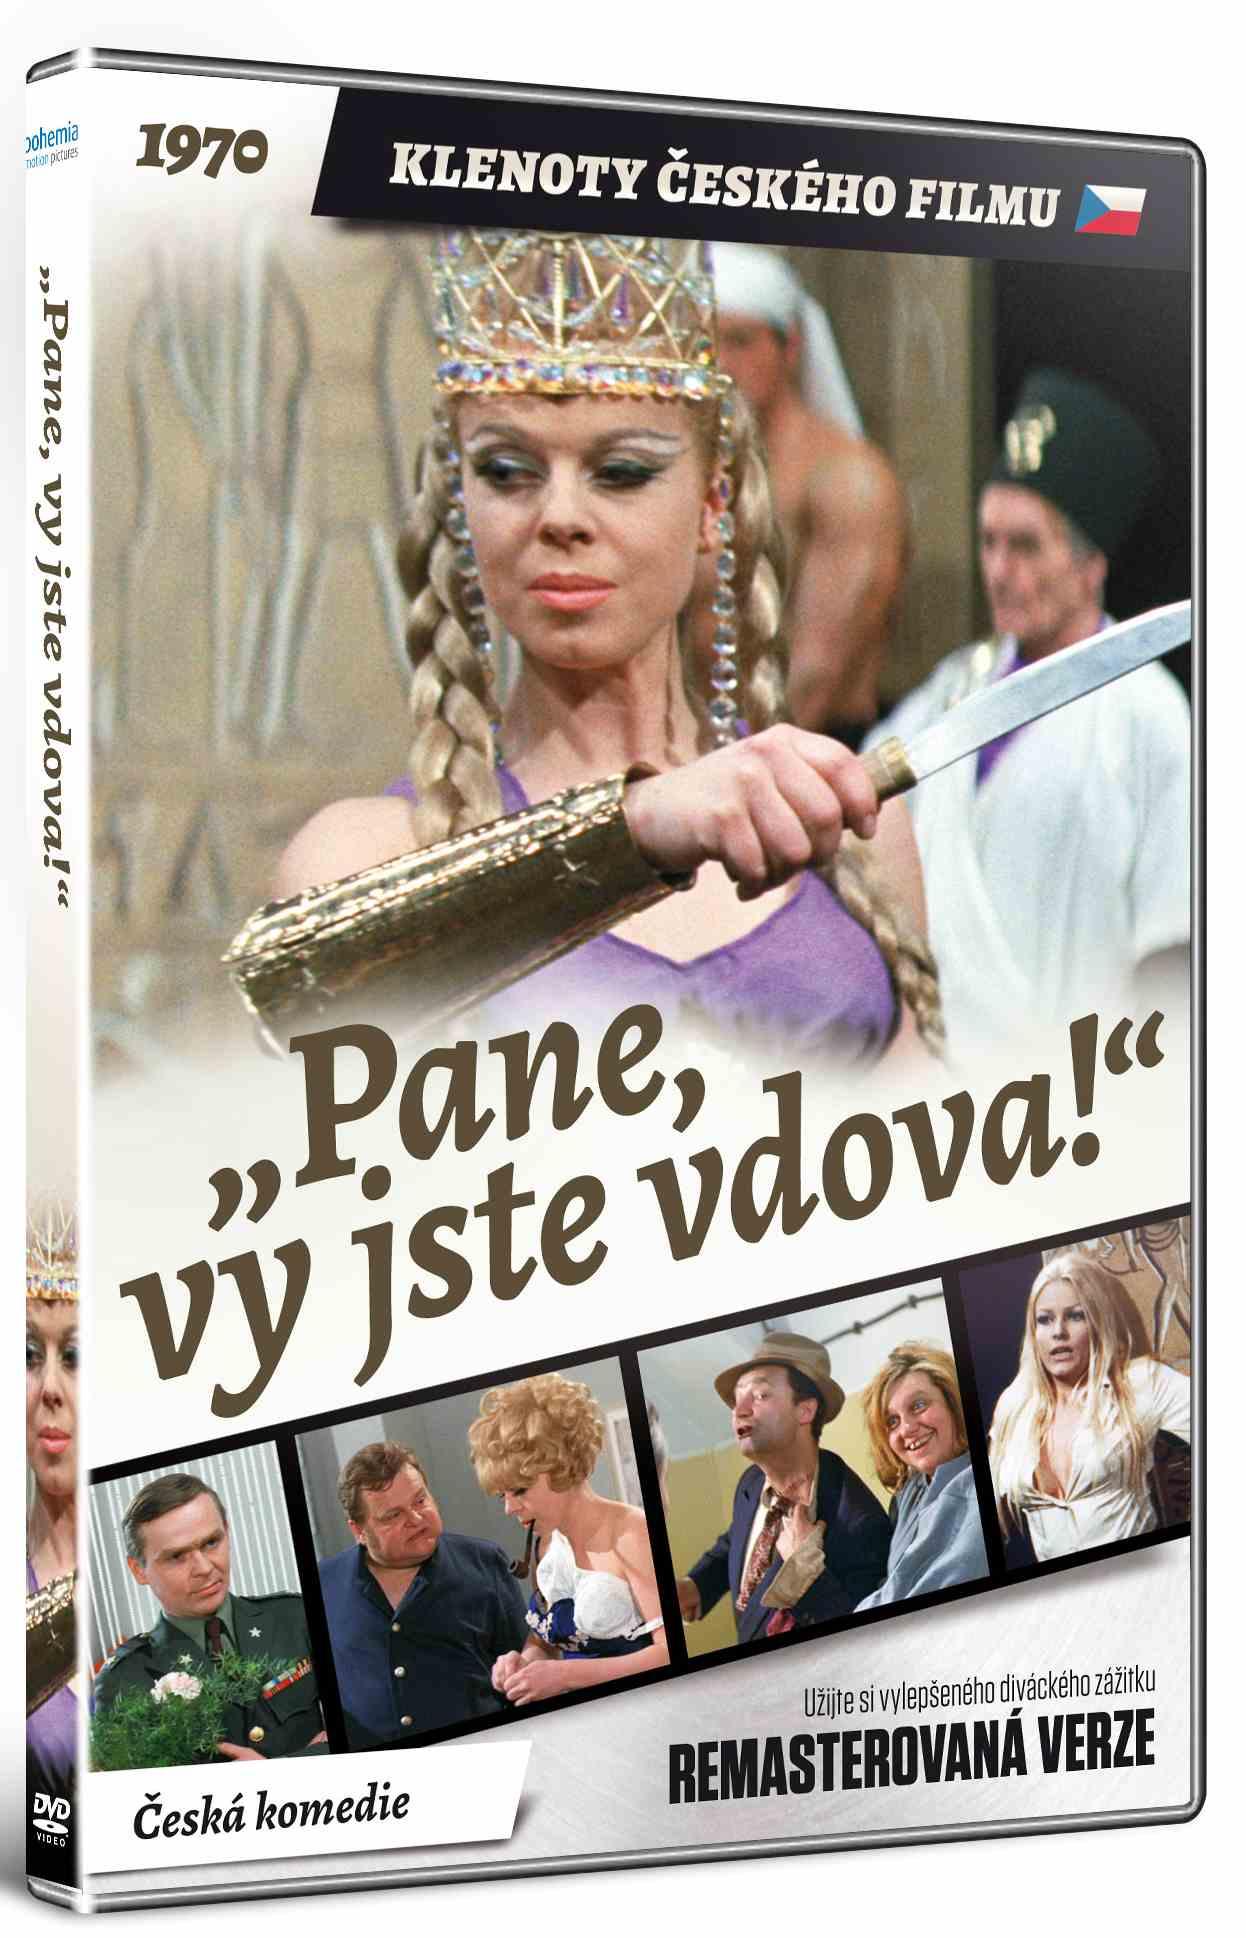 Pane, vy jste vdova! (Remasterovaná verze) - DVD